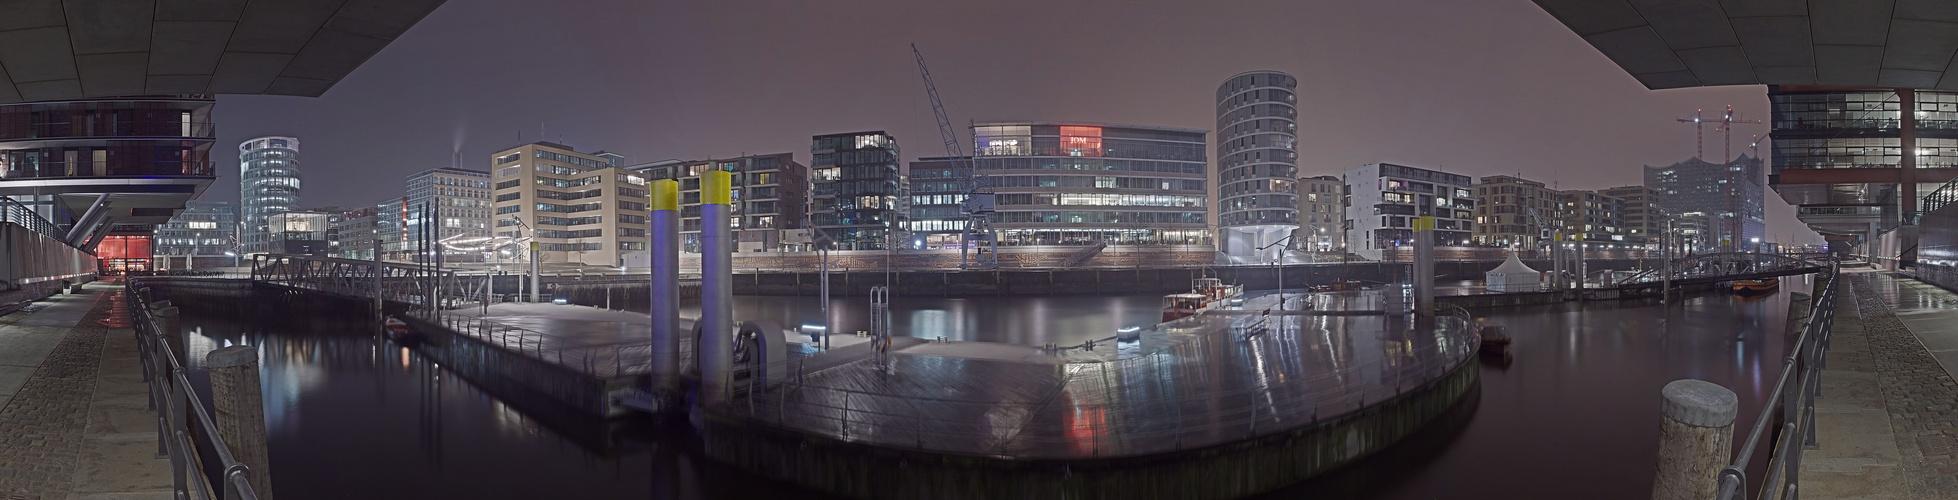 Hafen City im Regen